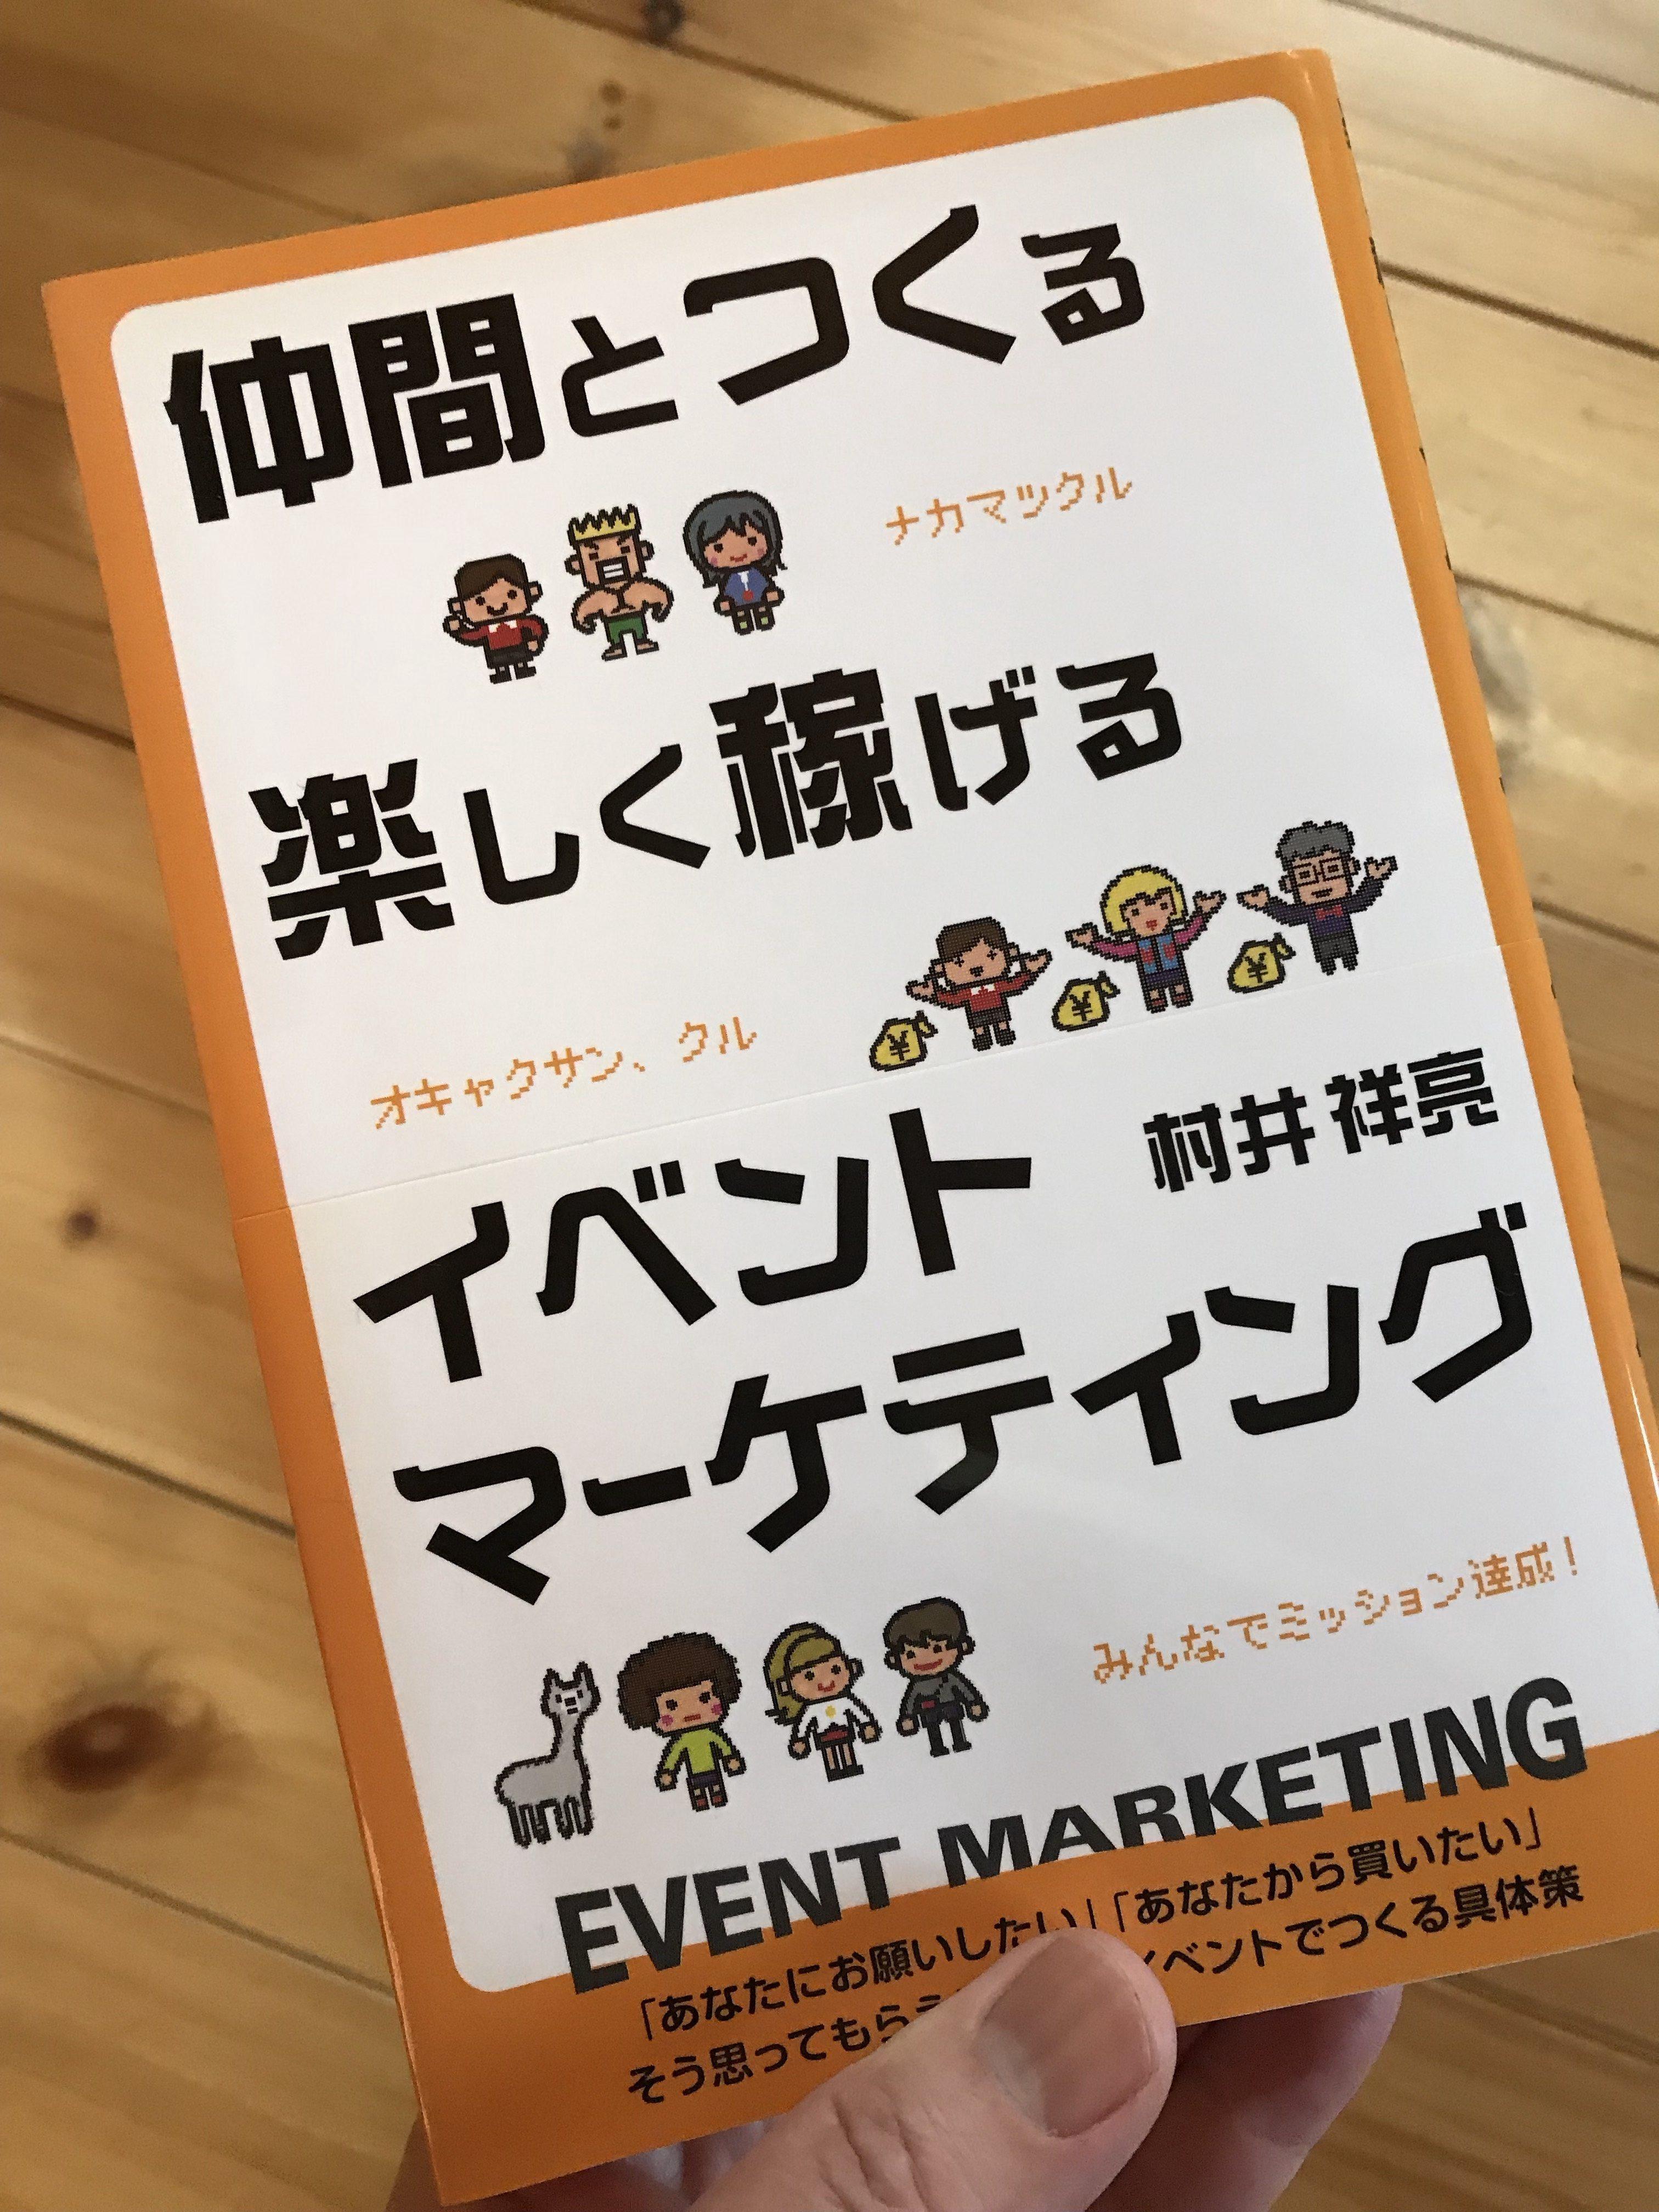 仲間とつくる 楽しく稼げるイベントマーケティング